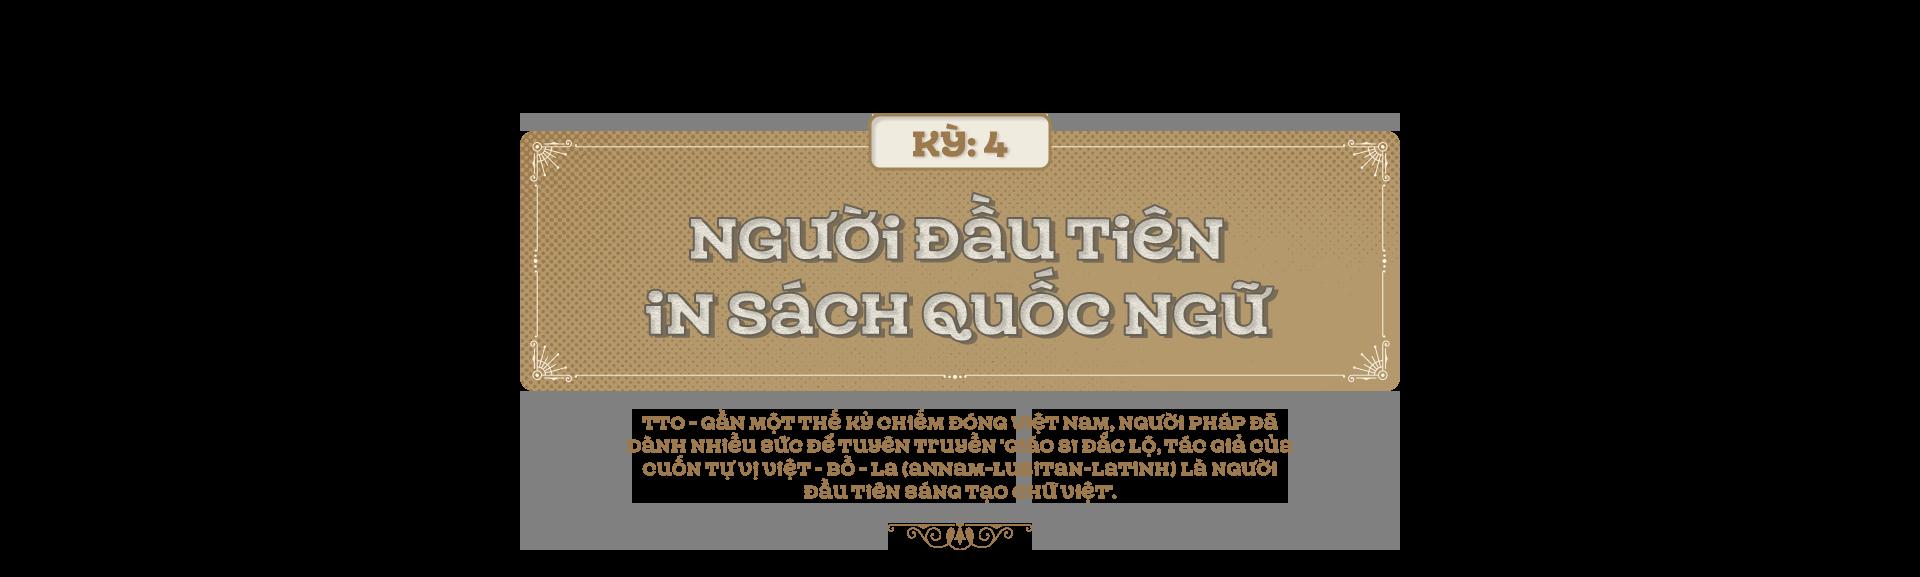 Kỳ 4: Người đầu tiên in sách quốc ngữ - Ảnh 1.